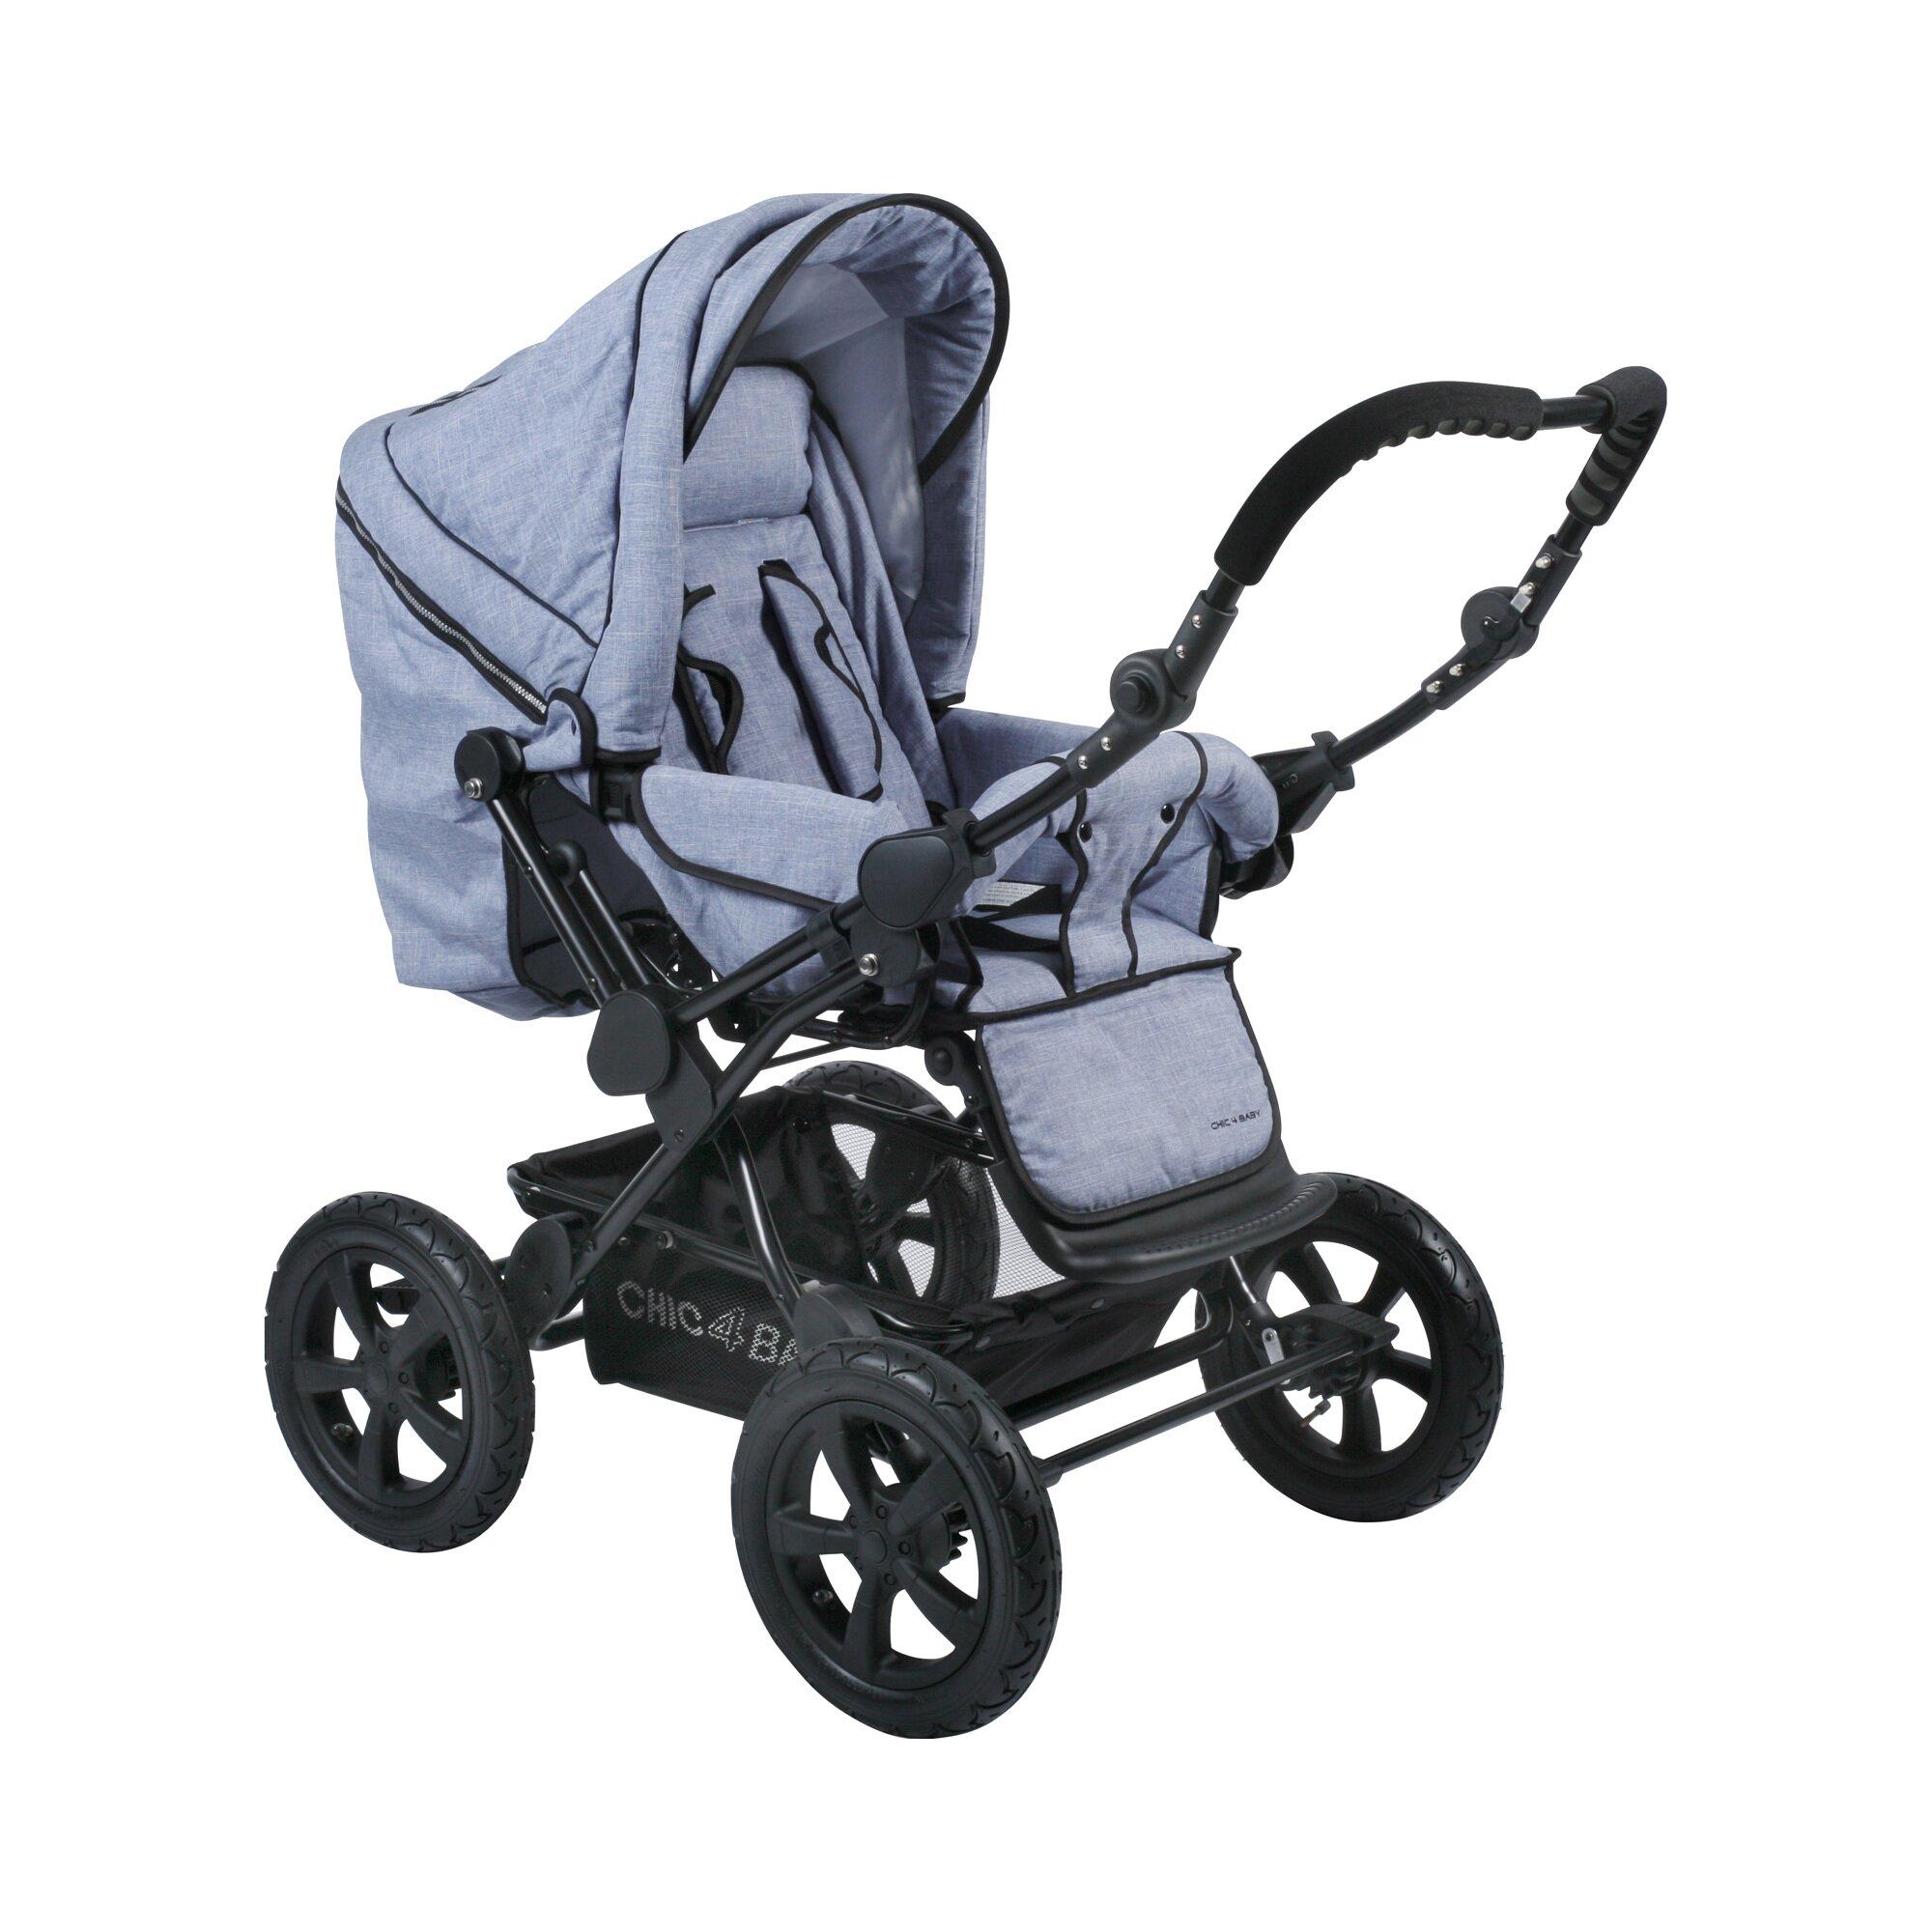 chic-4-baby-viva-kombikinderwagen-blau